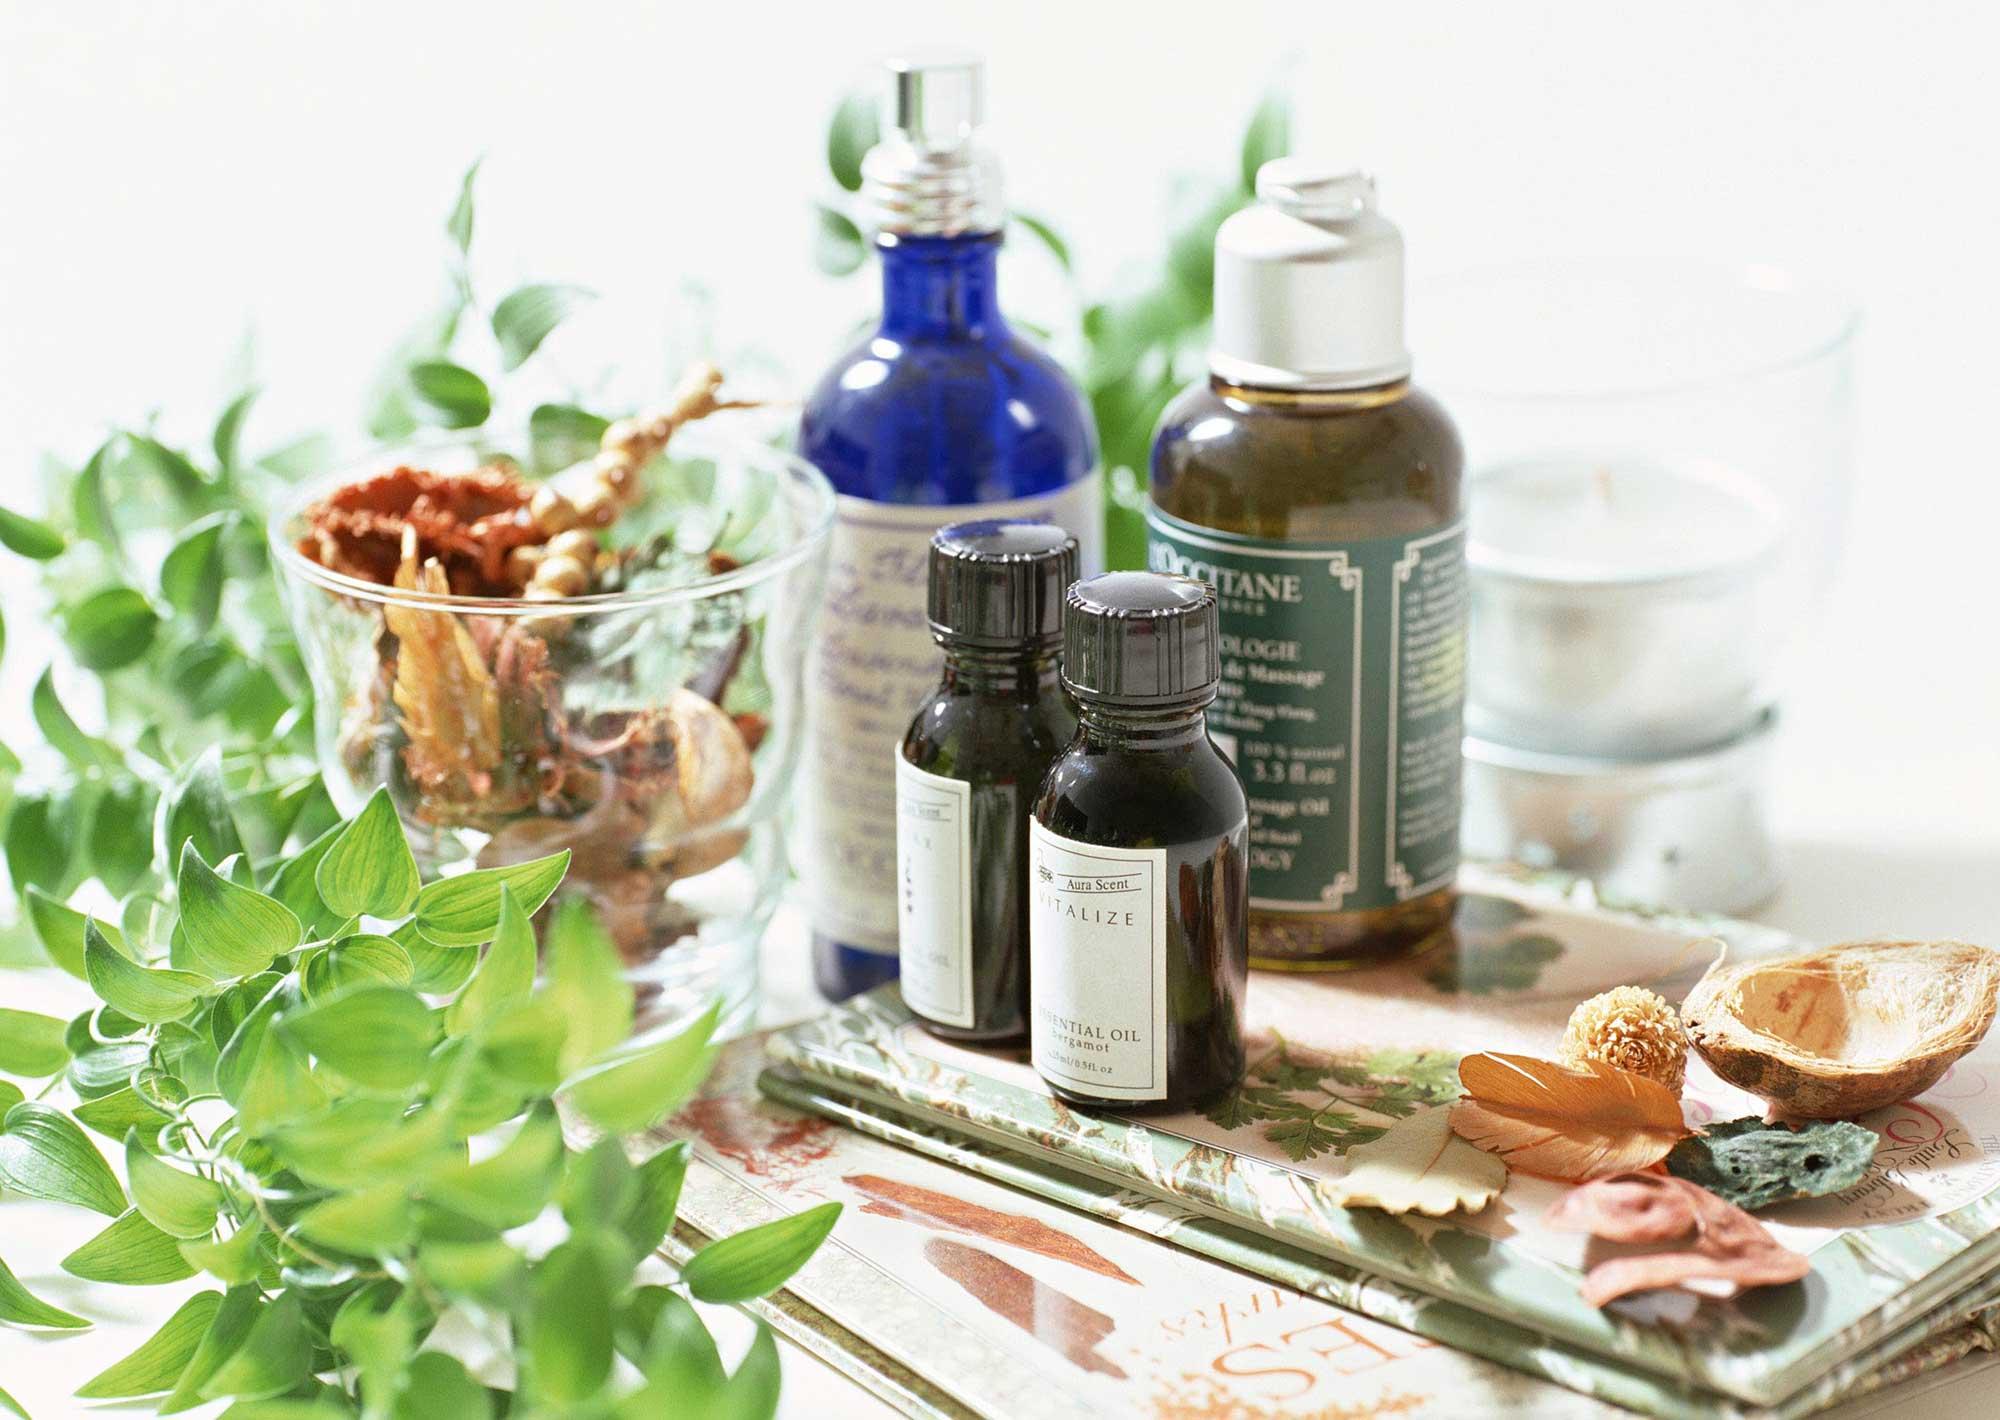 Эфирные масла против блох: эффективность и целесообразность использования